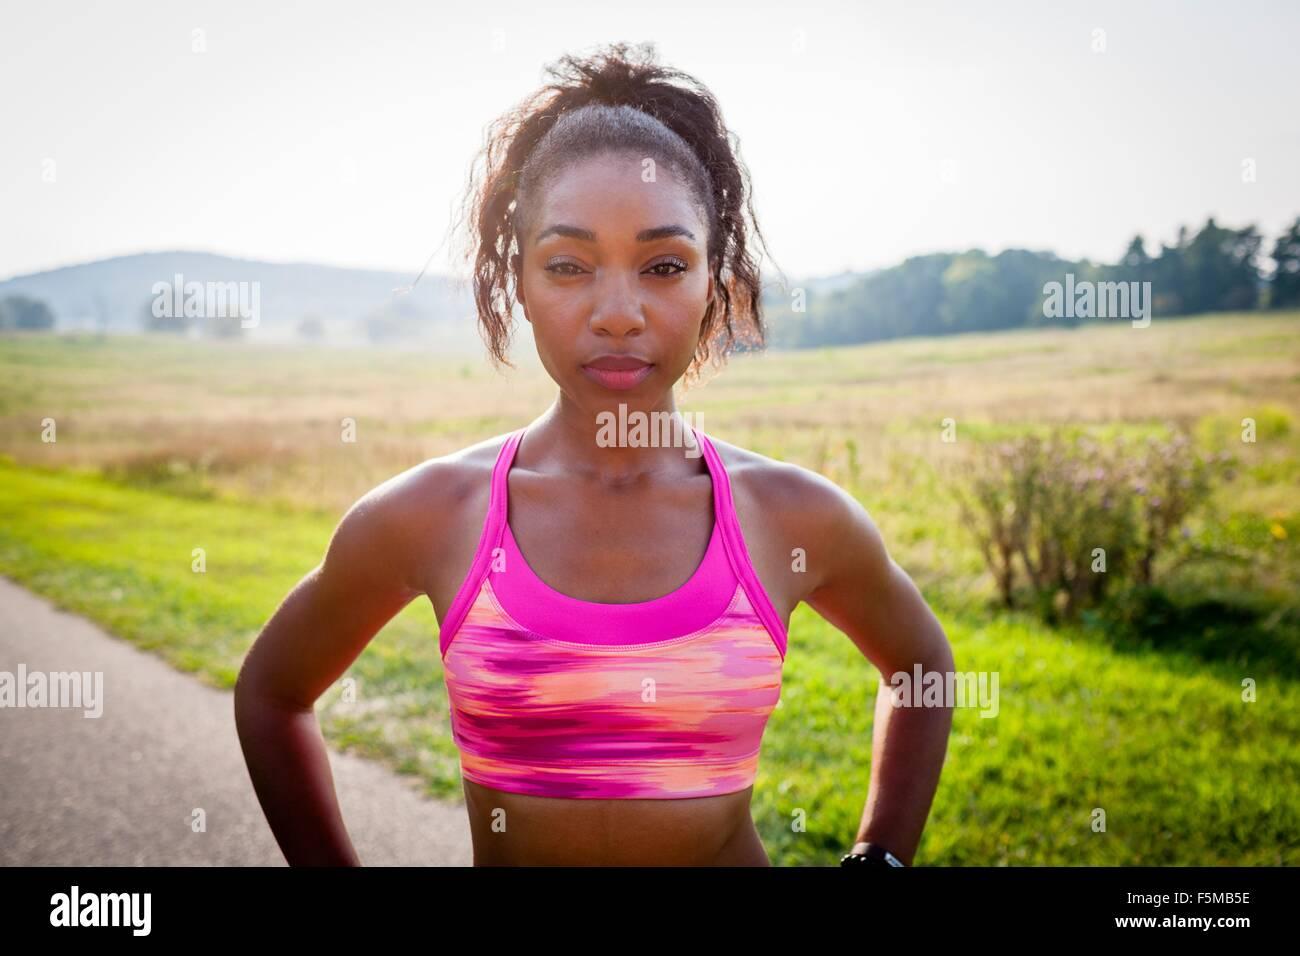 Retrato de mujer joven corredor con las manos en las caderas, en parque rural Imagen De Stock